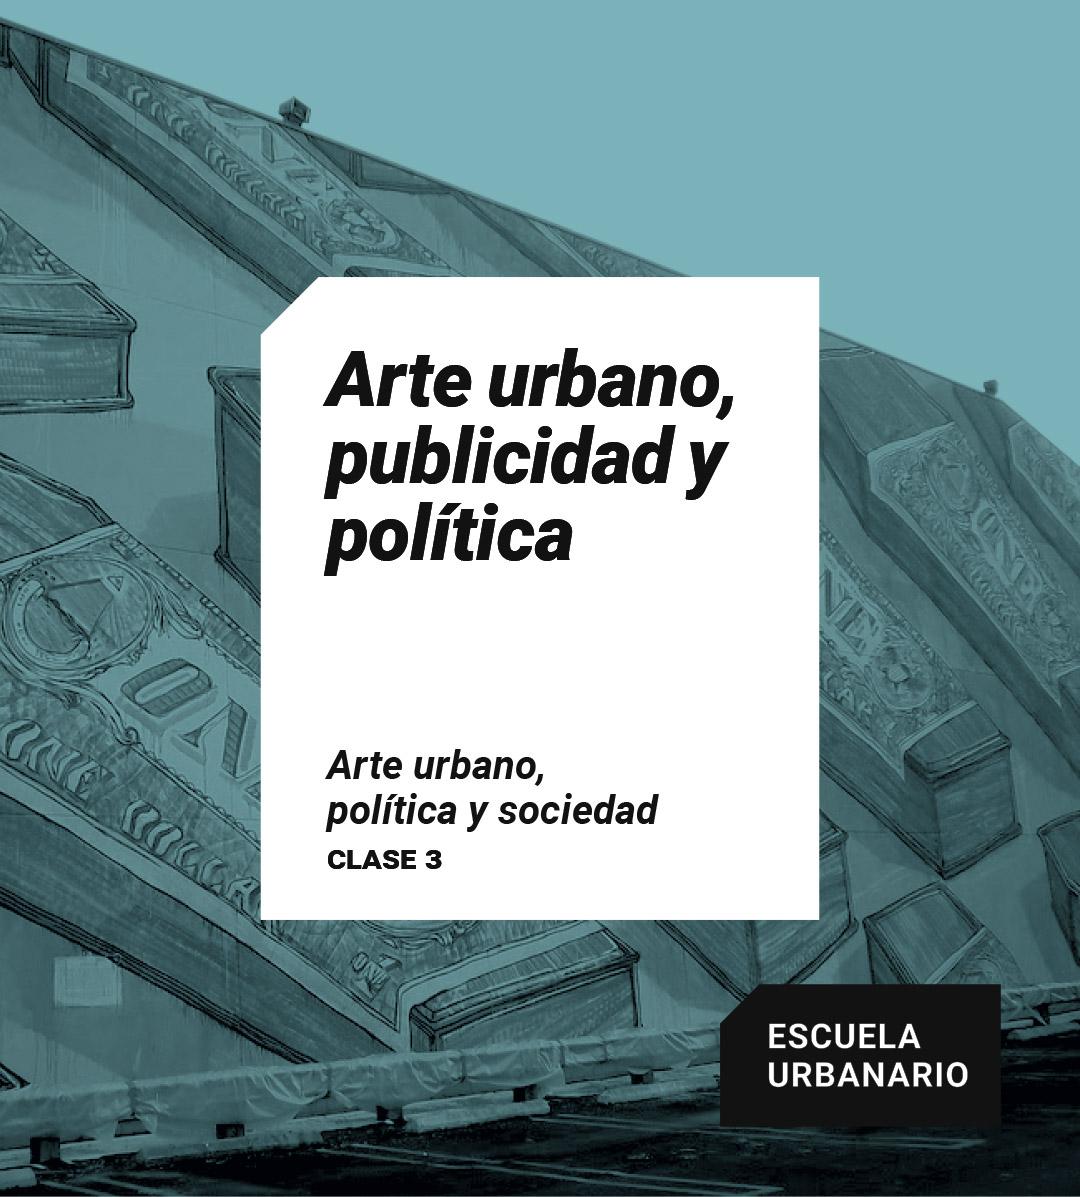 Arte urbano, publicidad y política